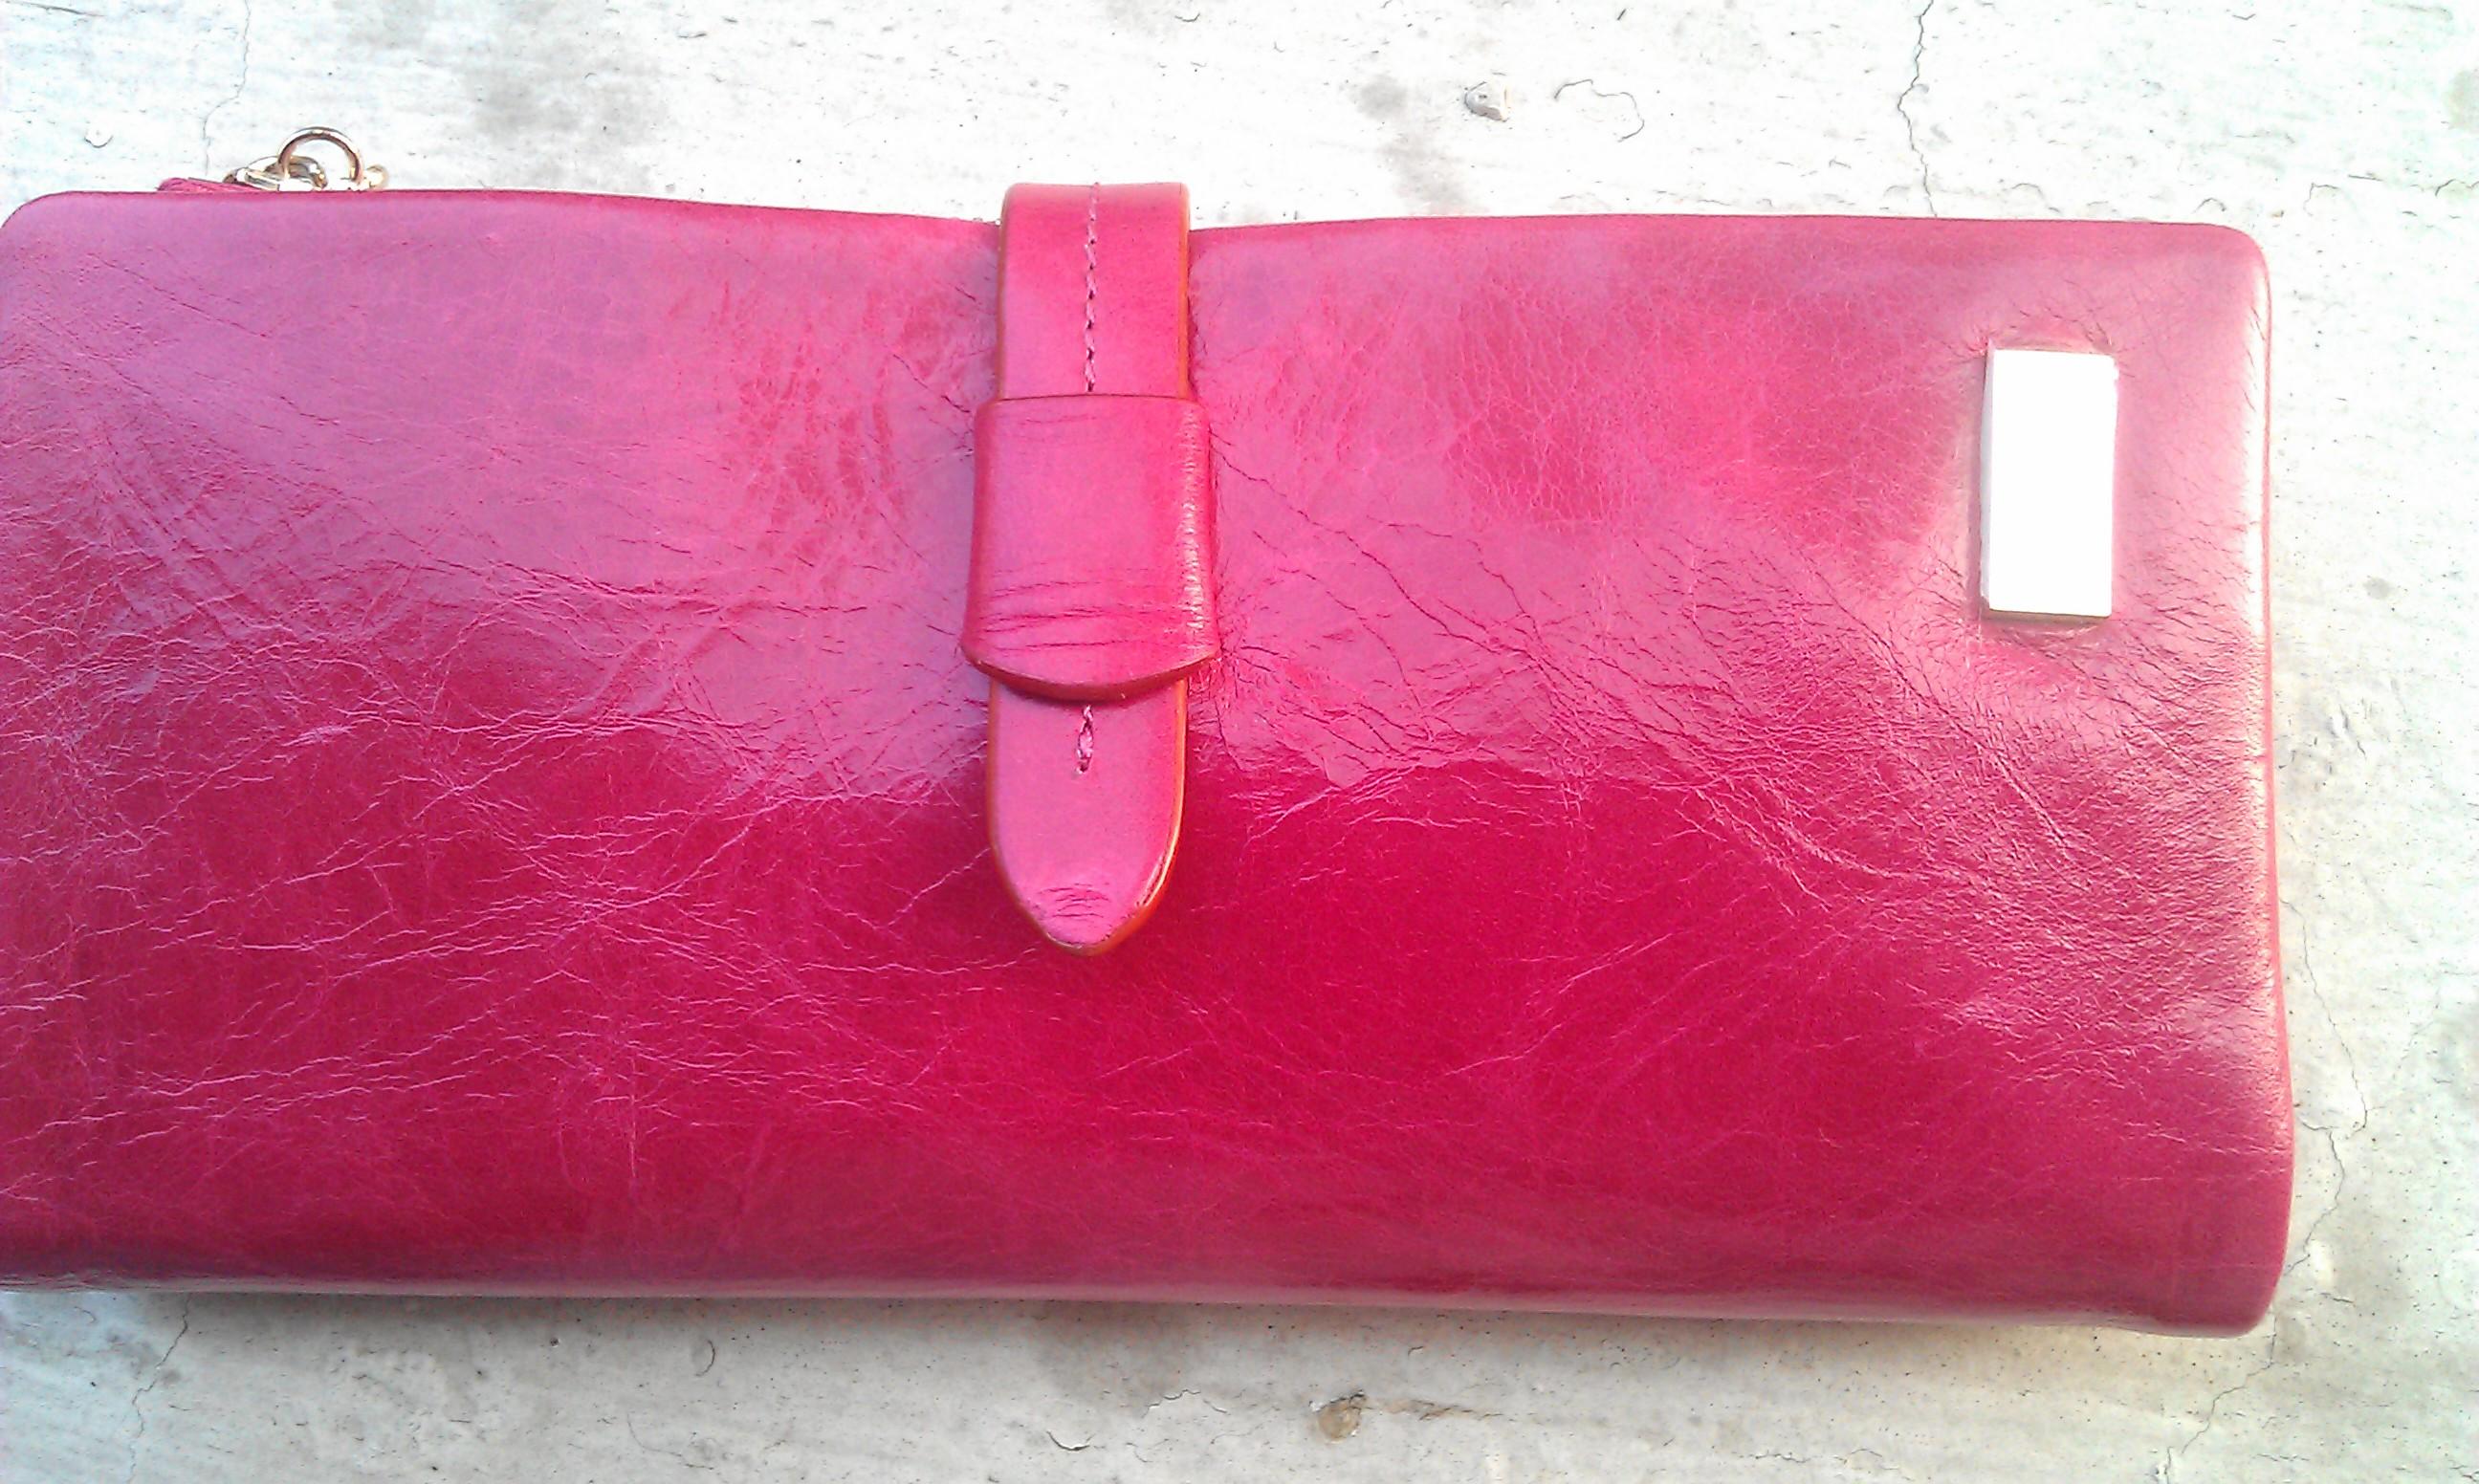 free run 5.0 v4 pink leopard 00231100 replica